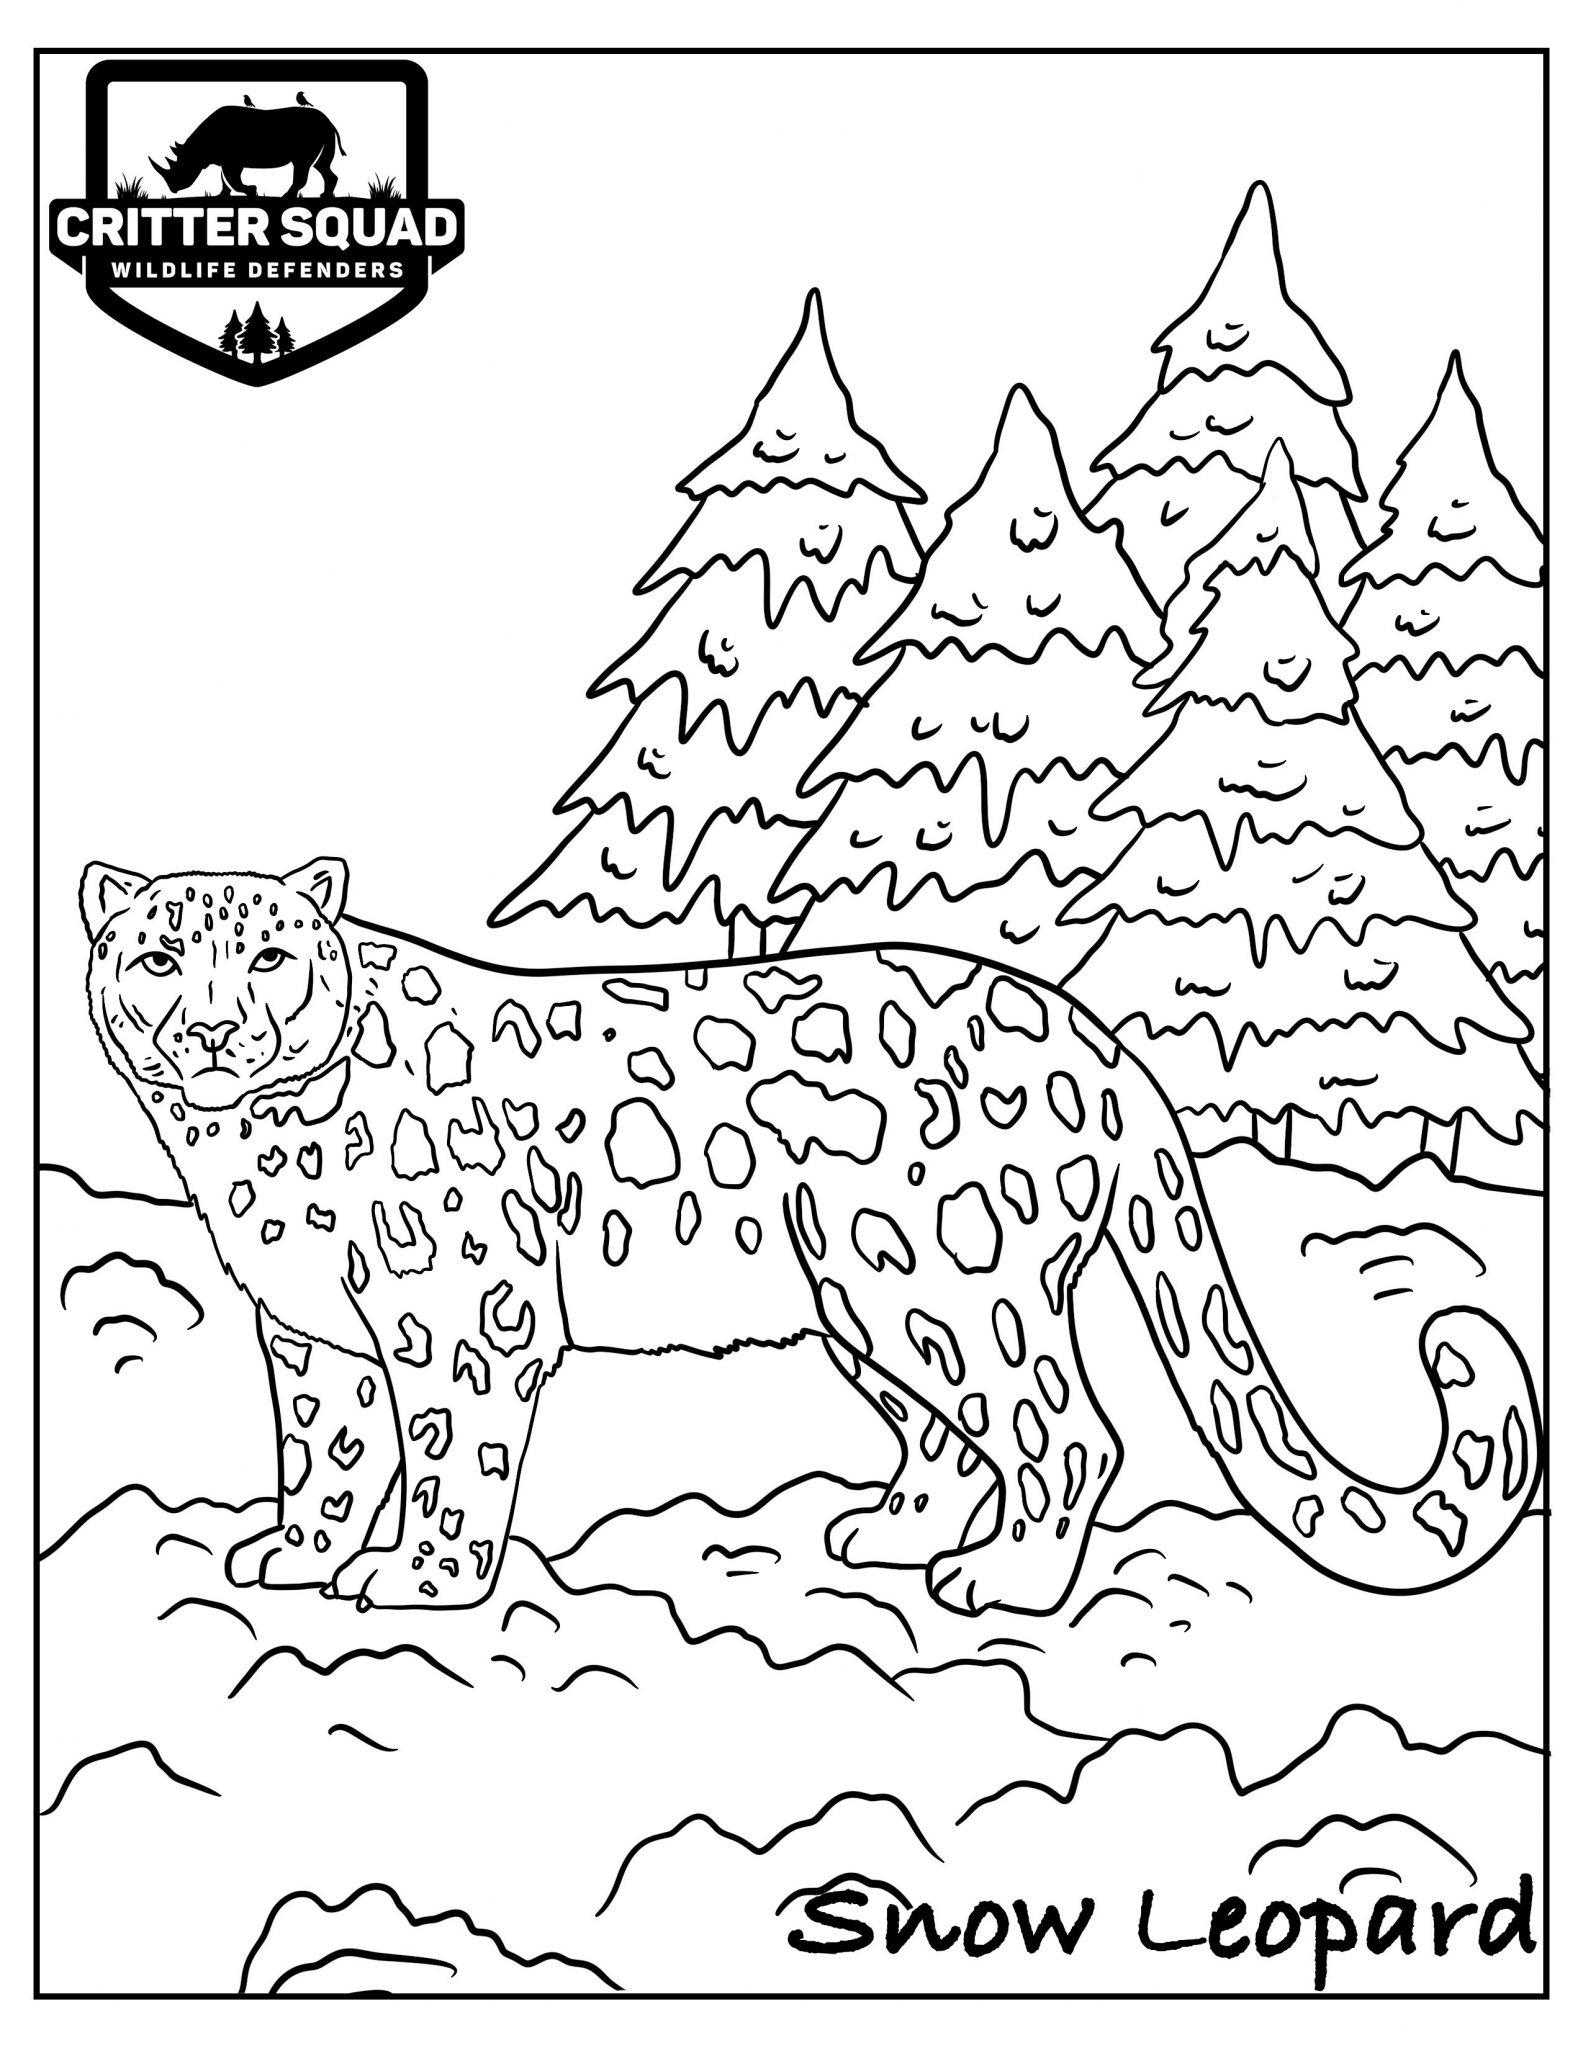 Leopard Coloring Pages : leopard, coloring, pages, Leopard, Coloring, C.S.W.D